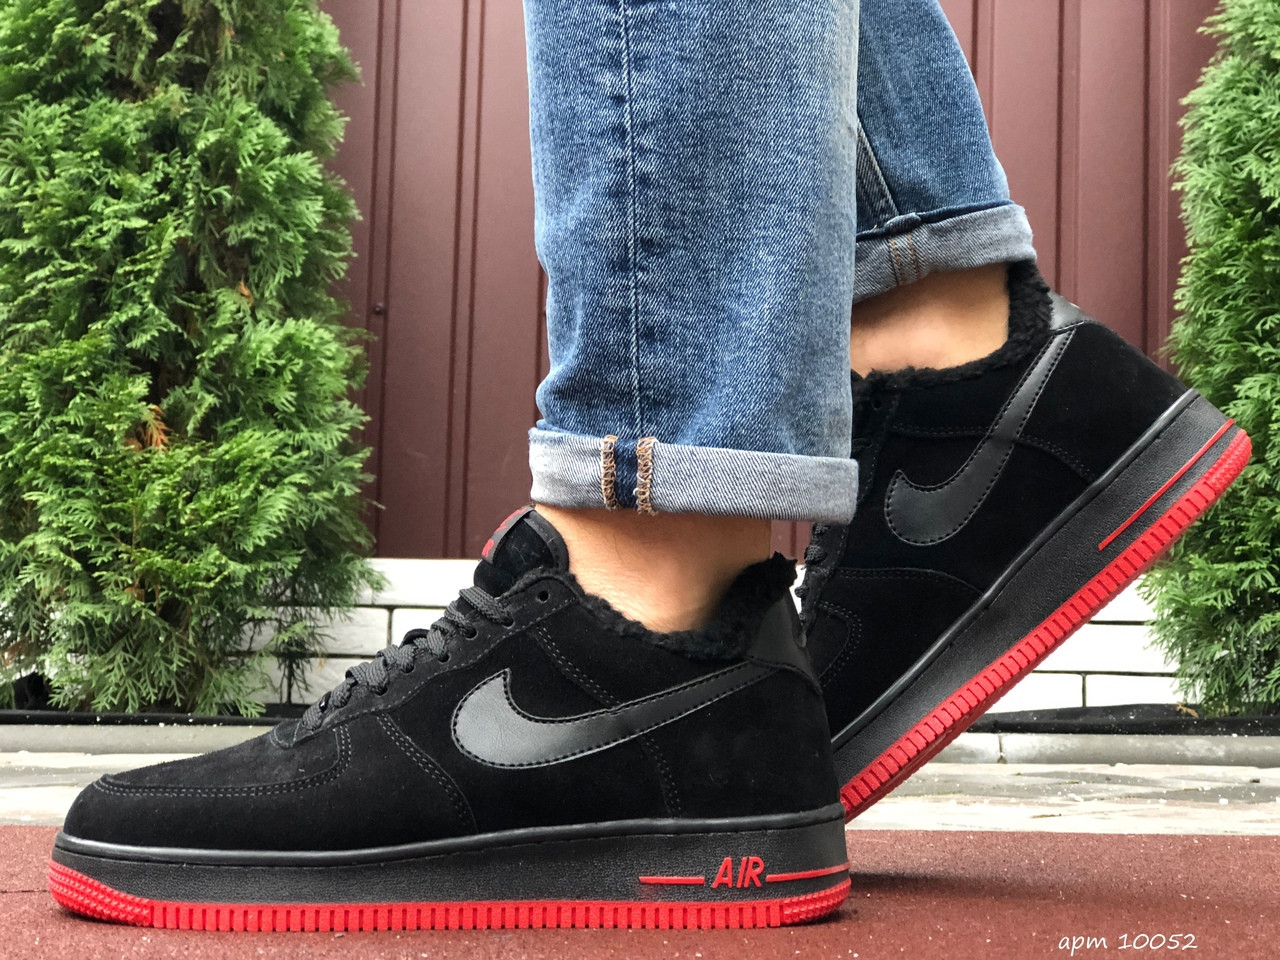 Зимние мужские кроссовки Nike Air Force,черные с красным,на меху